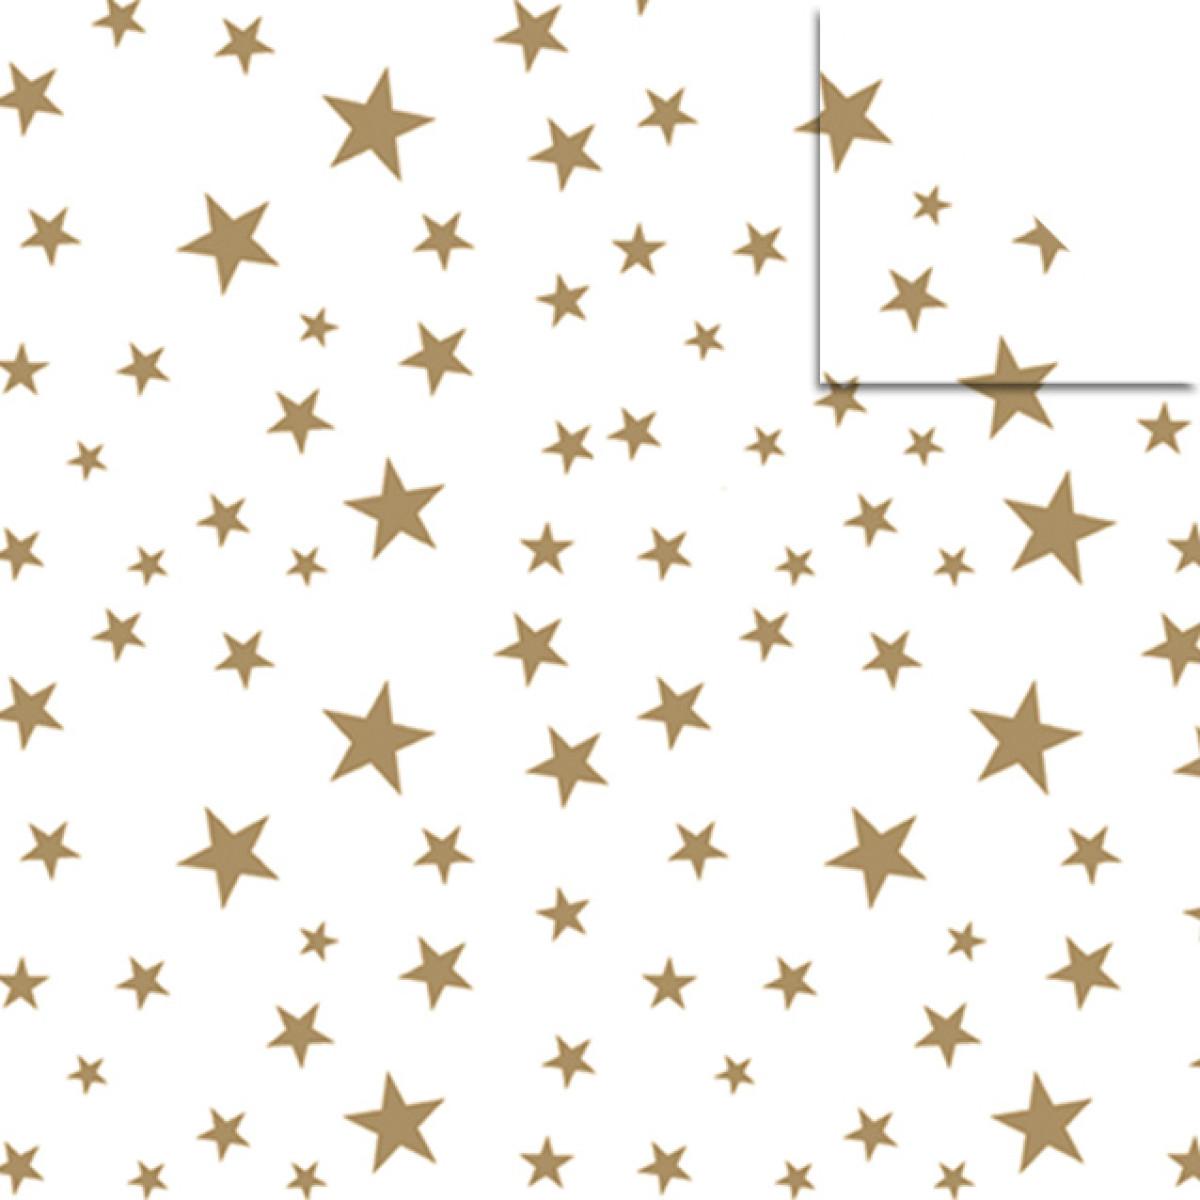 faltbl tter aurelio stern sternchen wei 20 x 20 cm. Black Bedroom Furniture Sets. Home Design Ideas